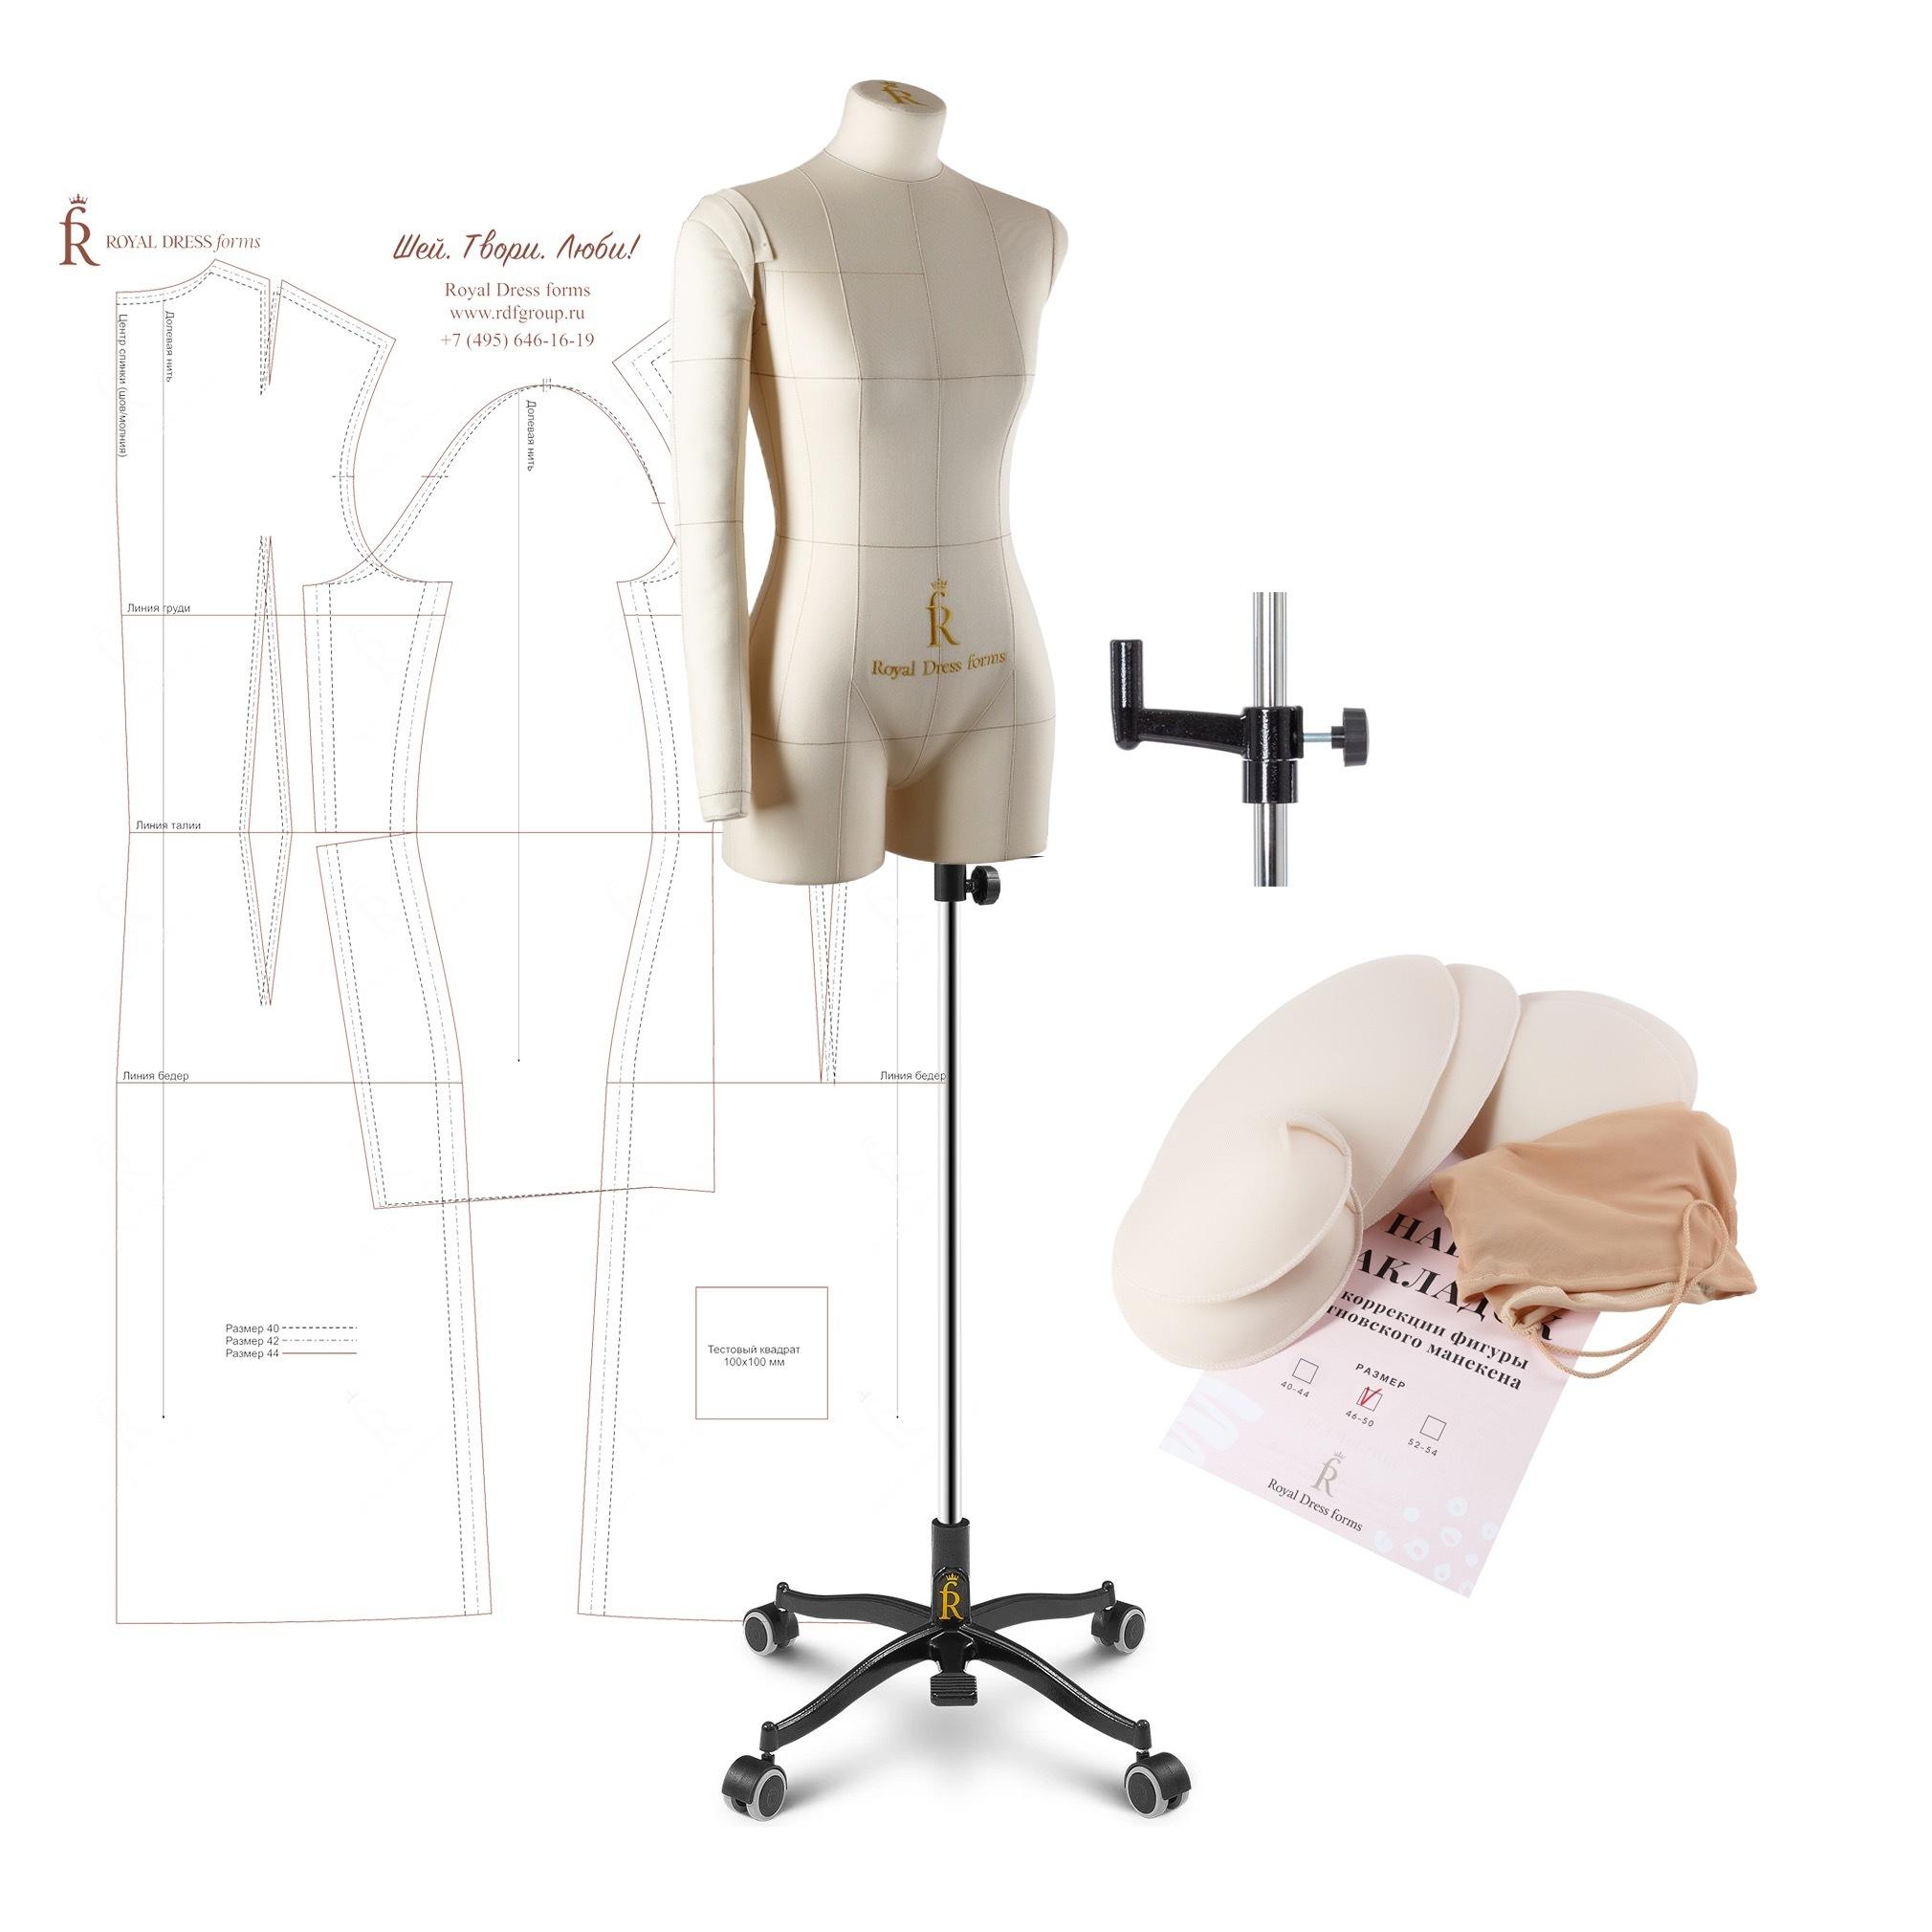 Манекен портновский Моника, комплект Премиум, размер 52, цвет бежевый, в комплекте накладки и правая рука